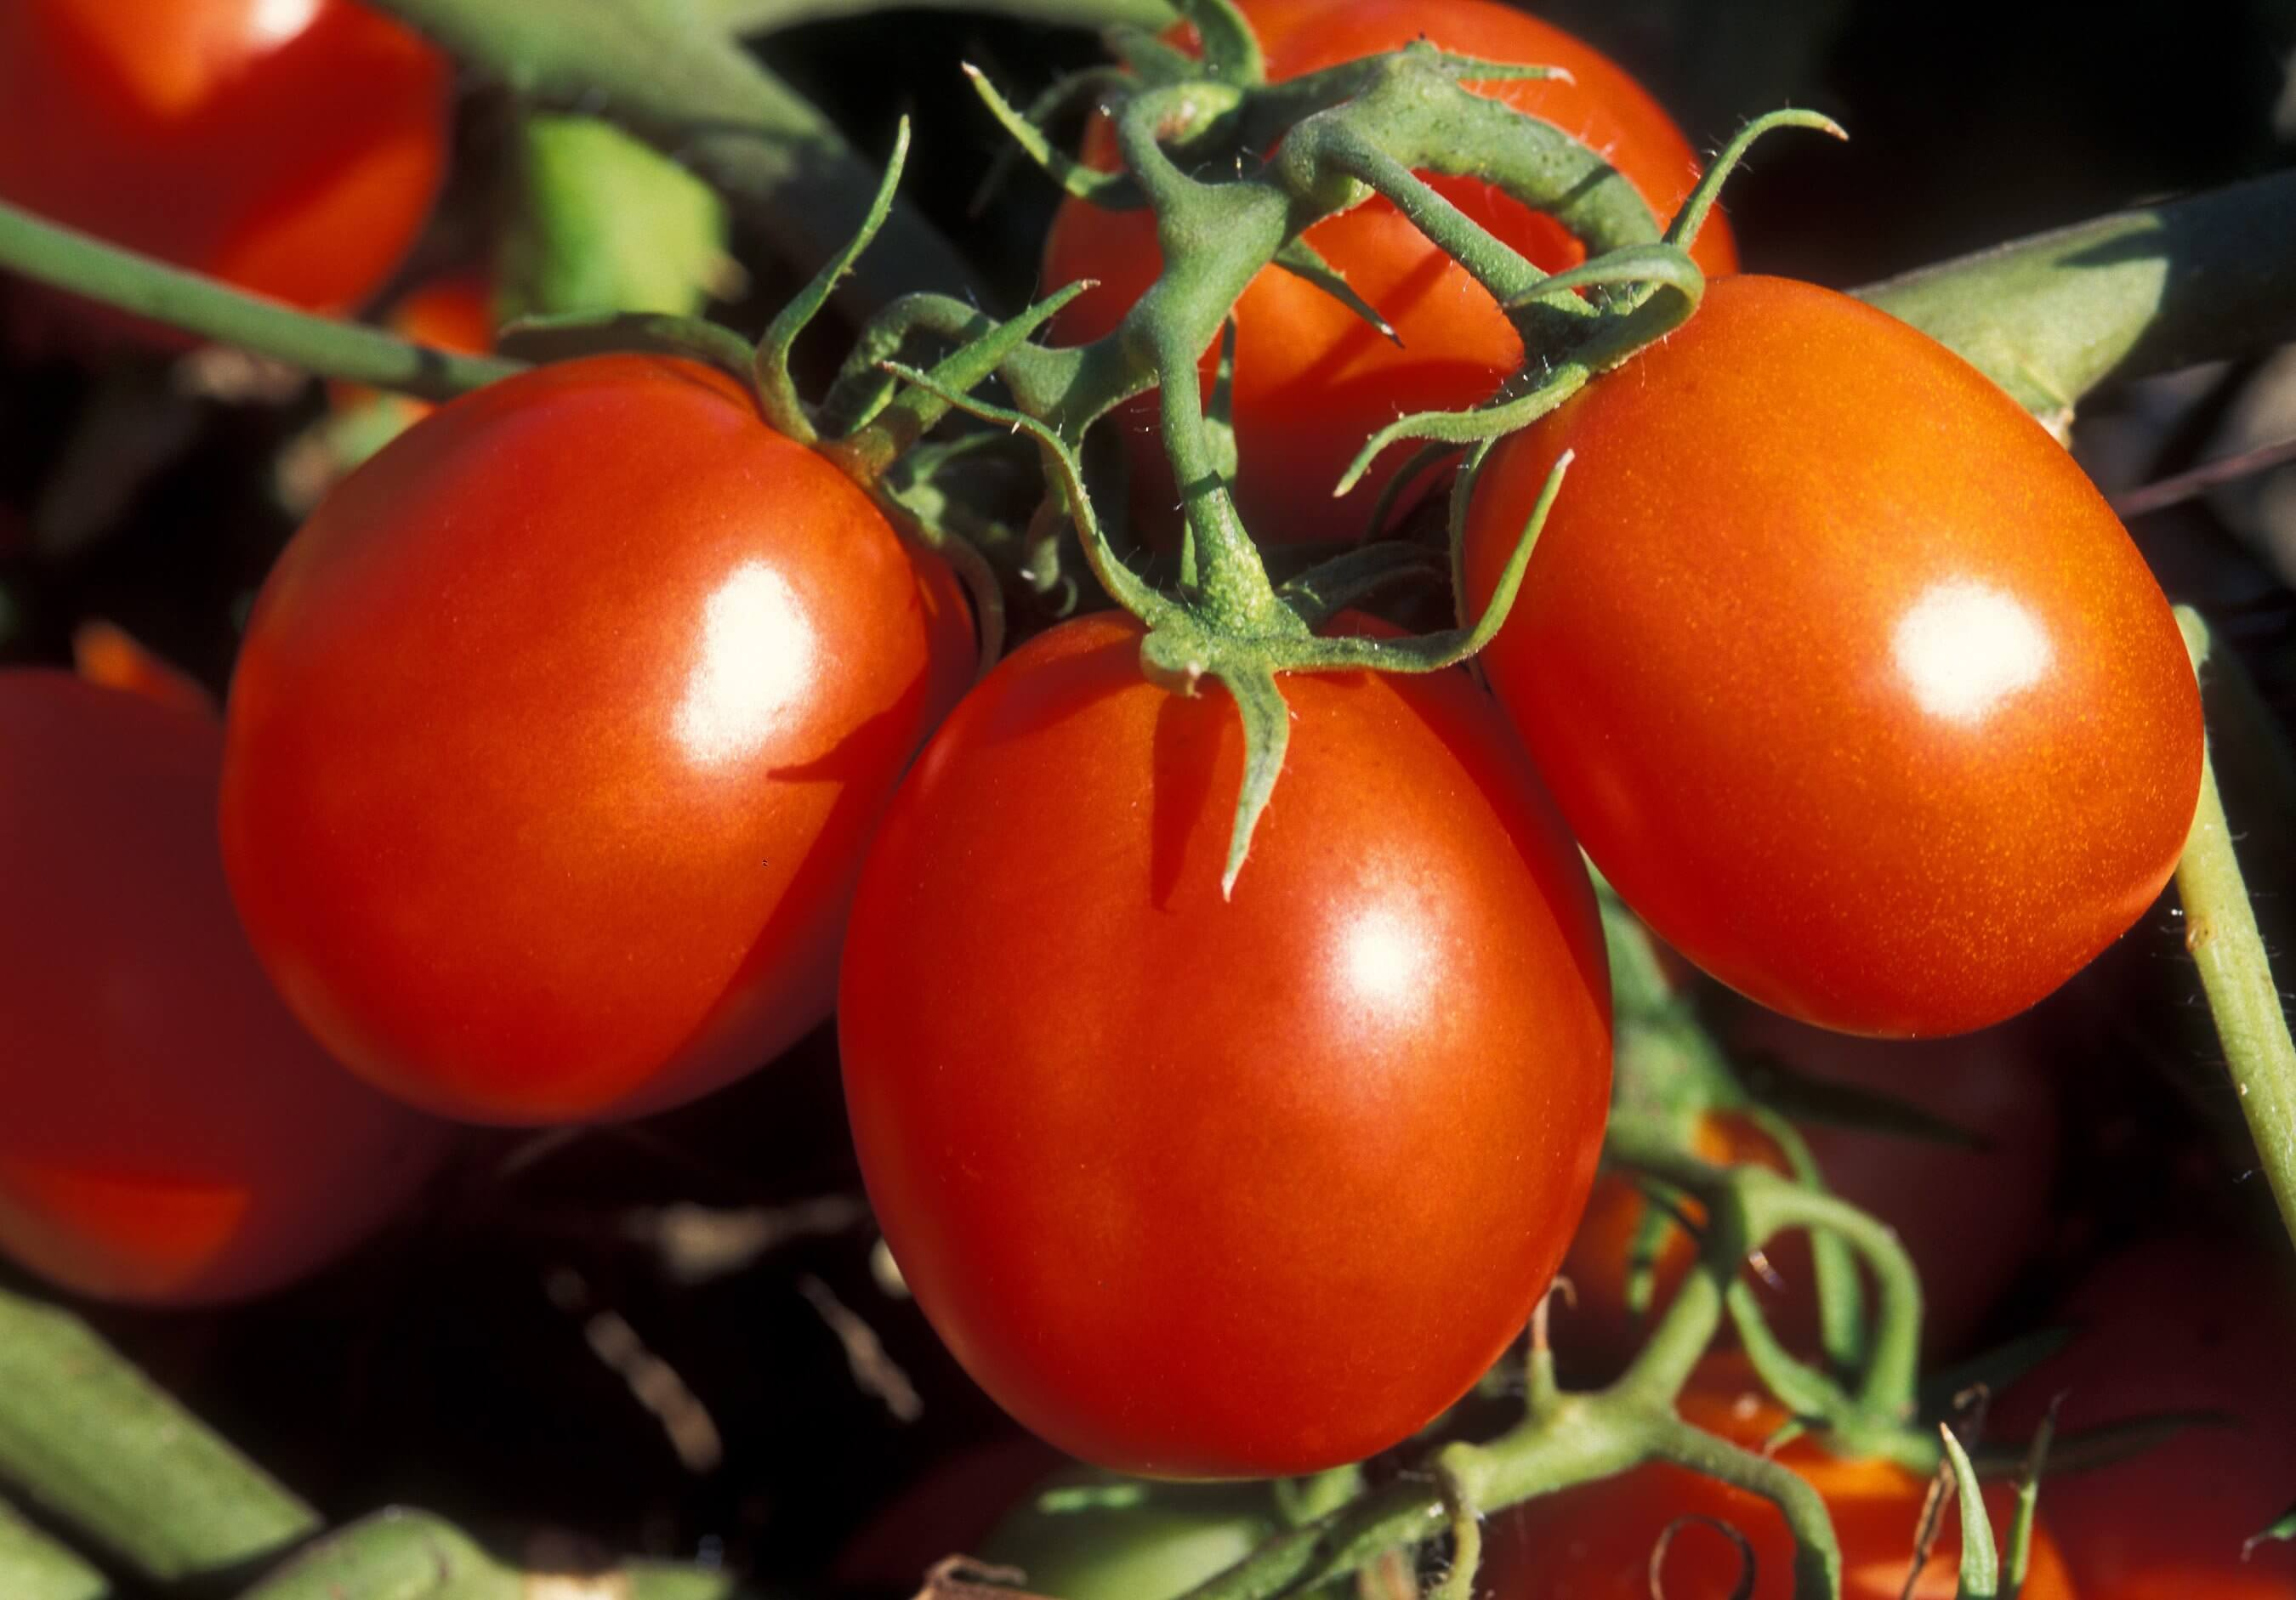 Томат персик: характеристика и описание сорта, урожайность с фото